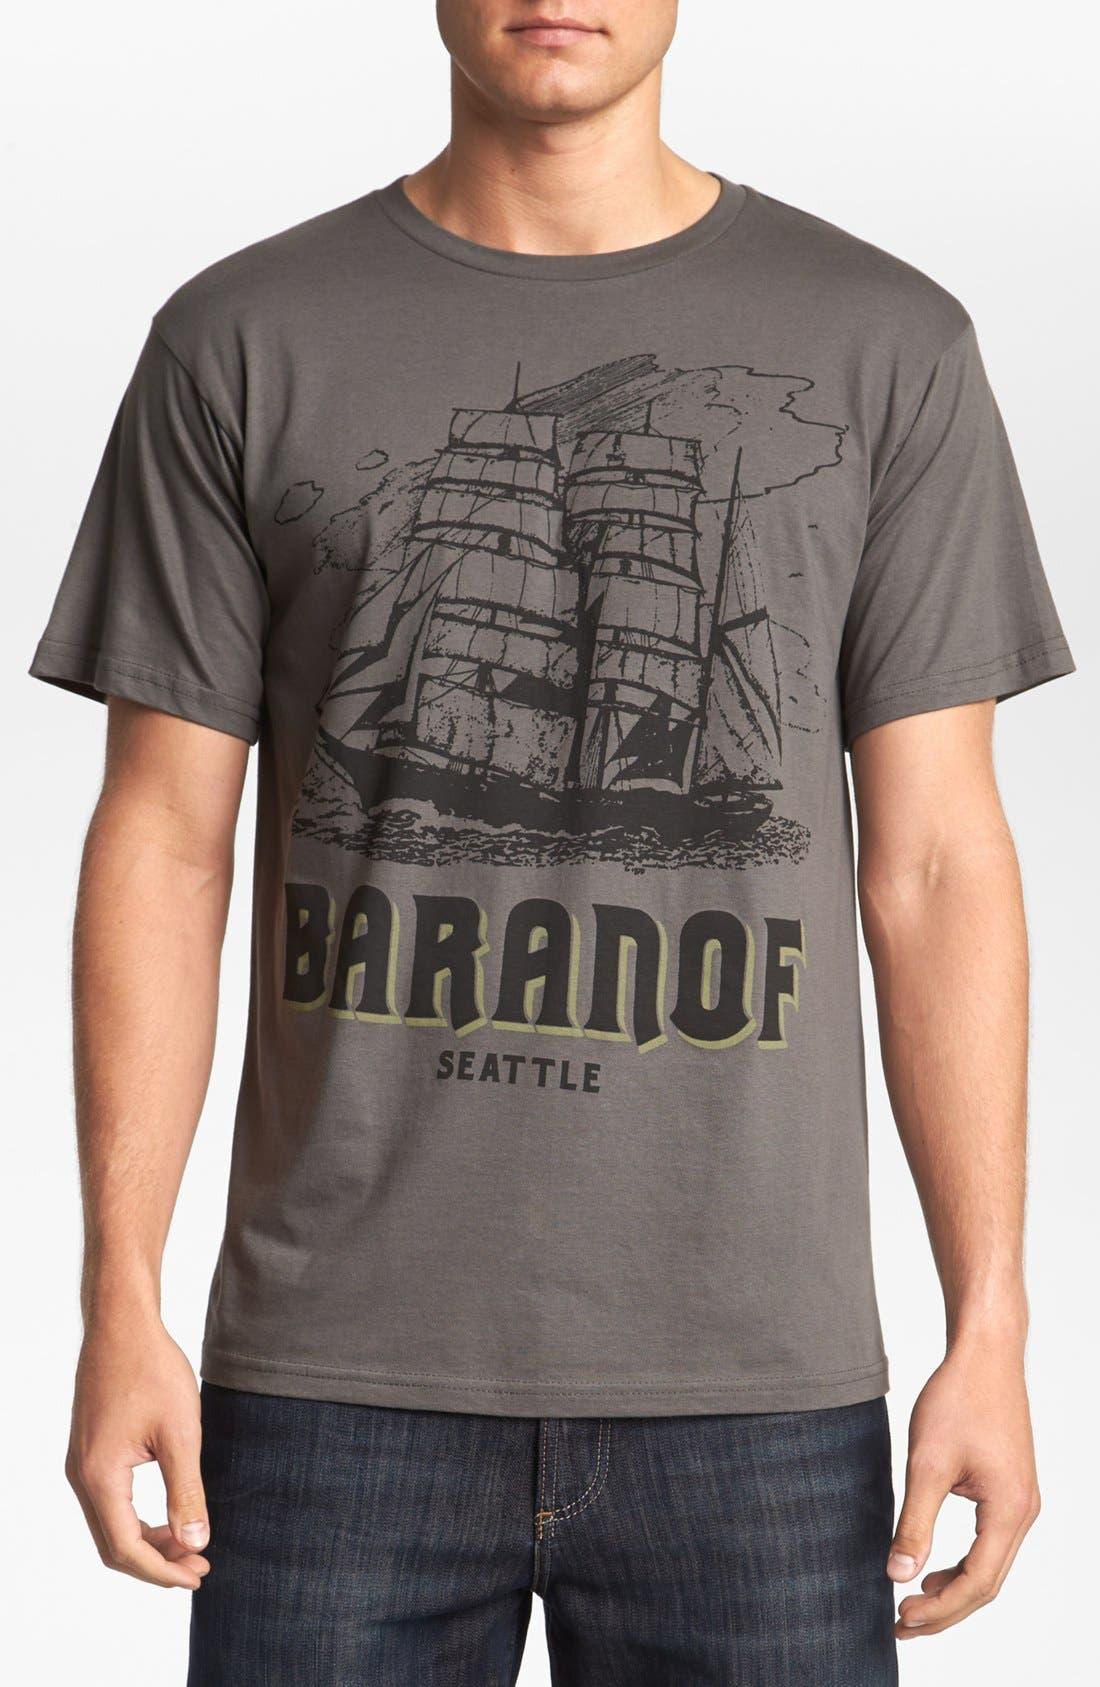 HORSES CUT SHOP,                             'Baranof' T-Shirt,                             Main thumbnail 1, color,                             020